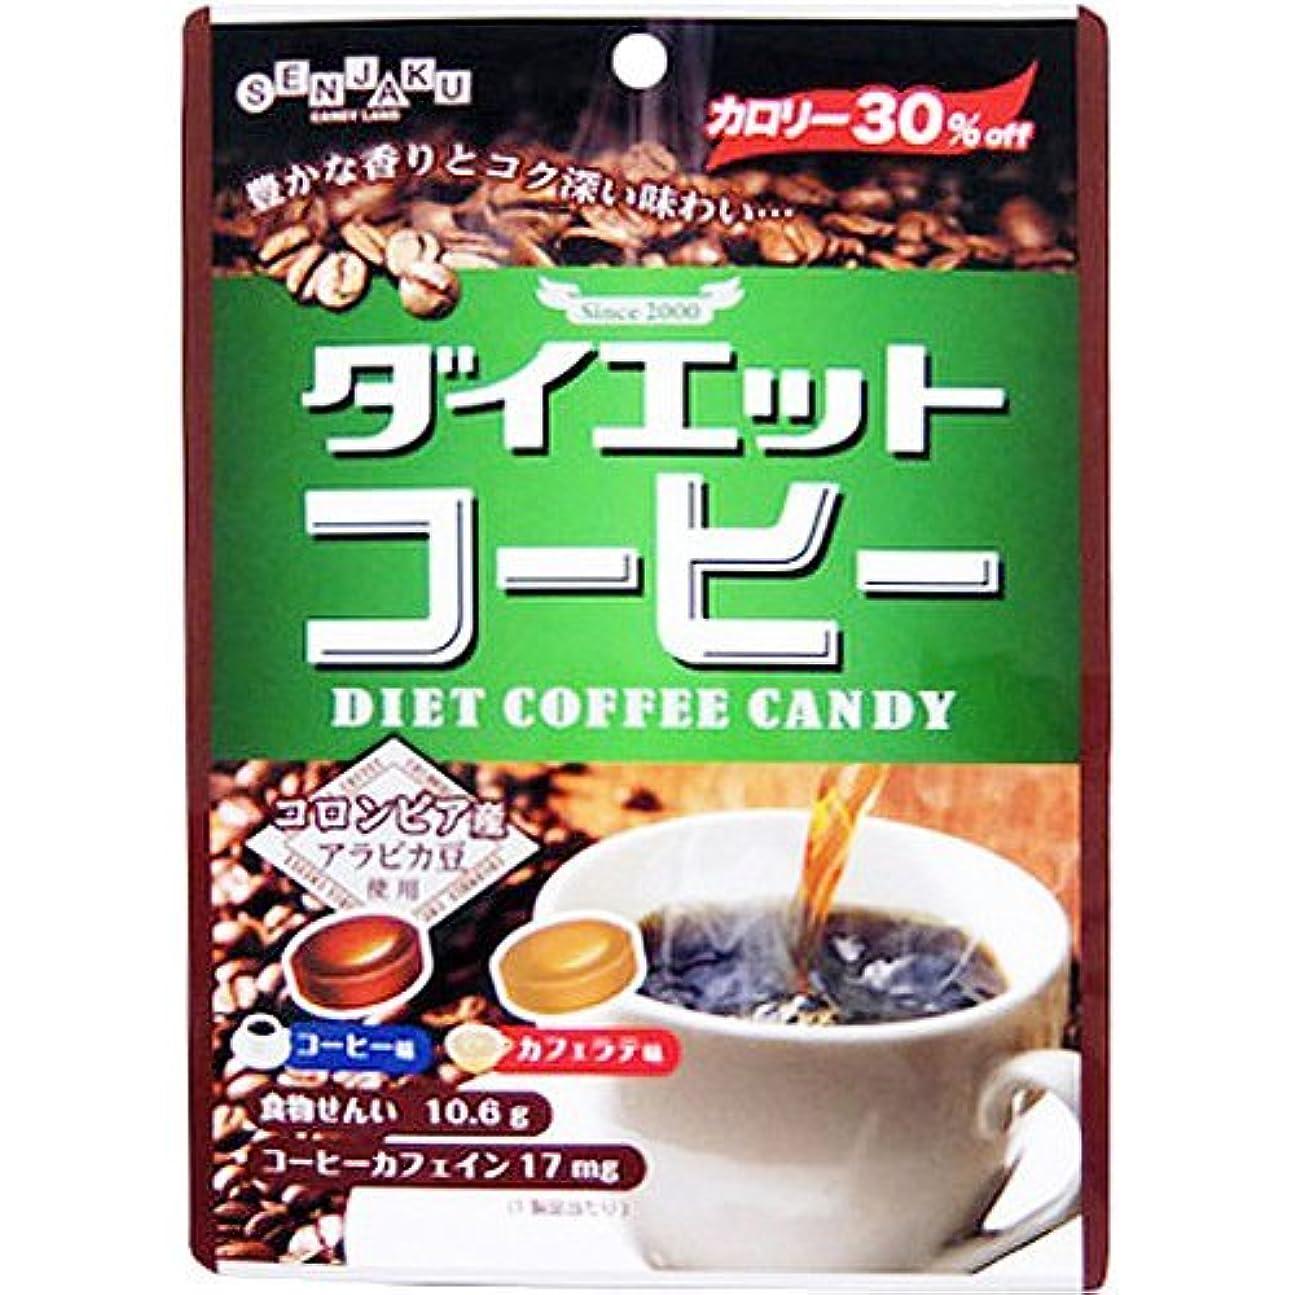 ささいな発見ボウリング扇雀飴本舗 ダイエットコーヒー 80g